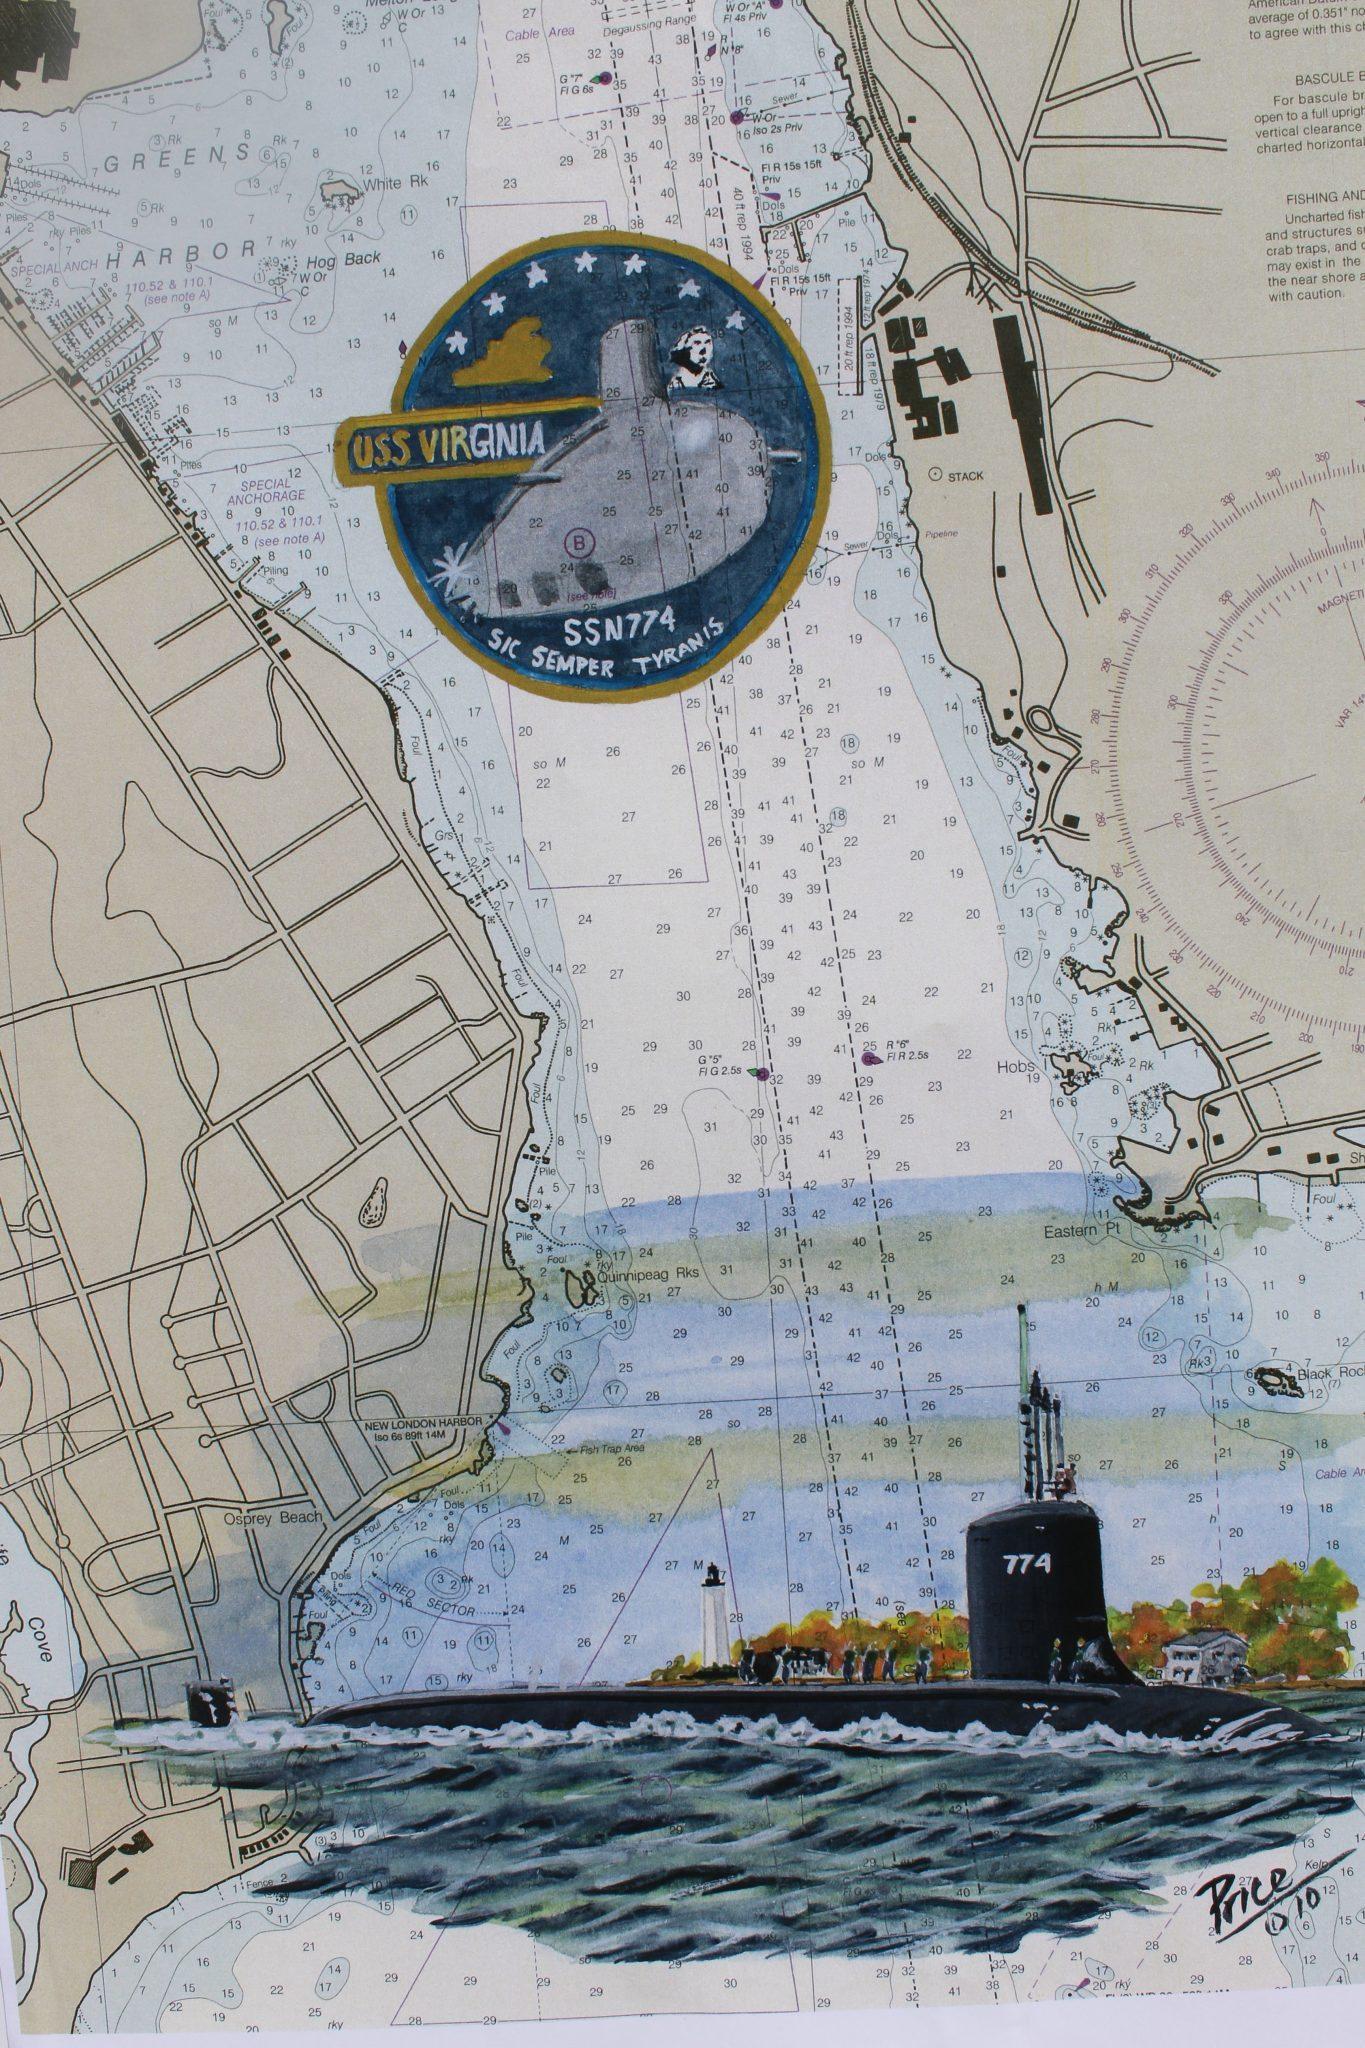 Submarine Painting by Dan Price USS VIrginia 774 New London Original Painting